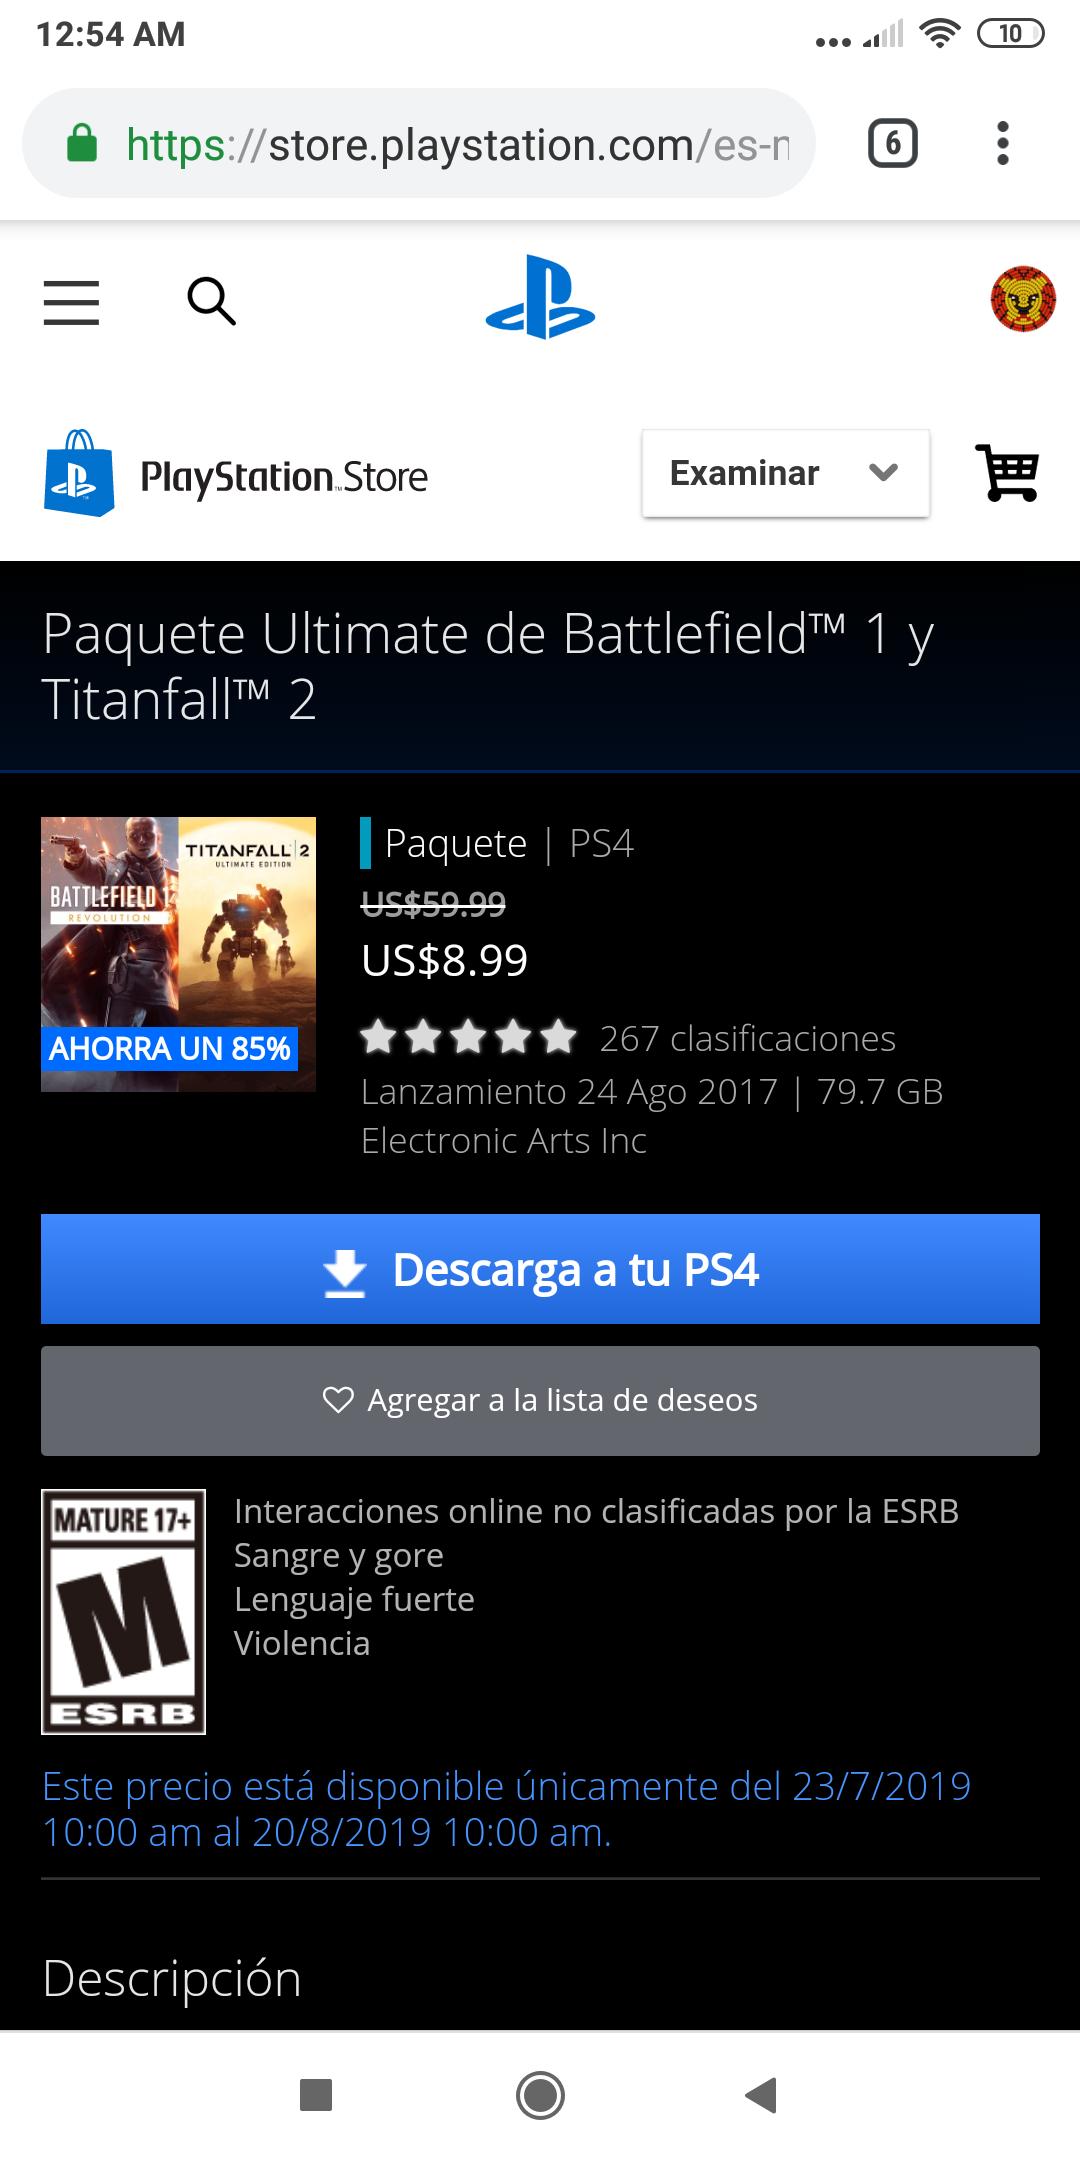 PlayStation Store: paquete Titan fall 2 y Battlefield 1 con todo su contenido descargable